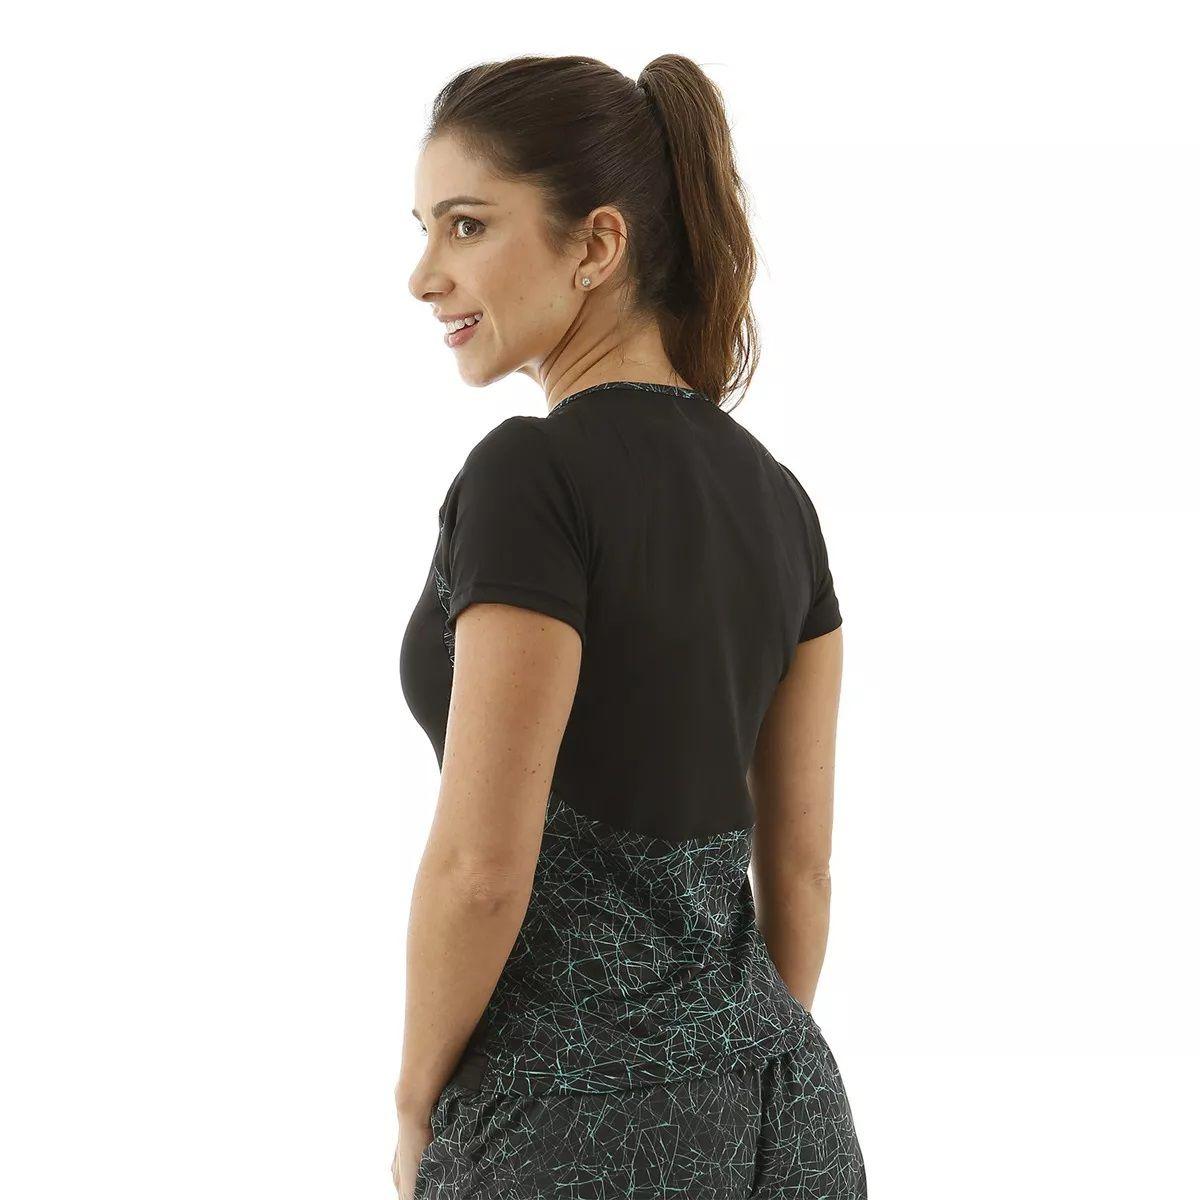 Short feminino Everlast preto com detalhes em verde